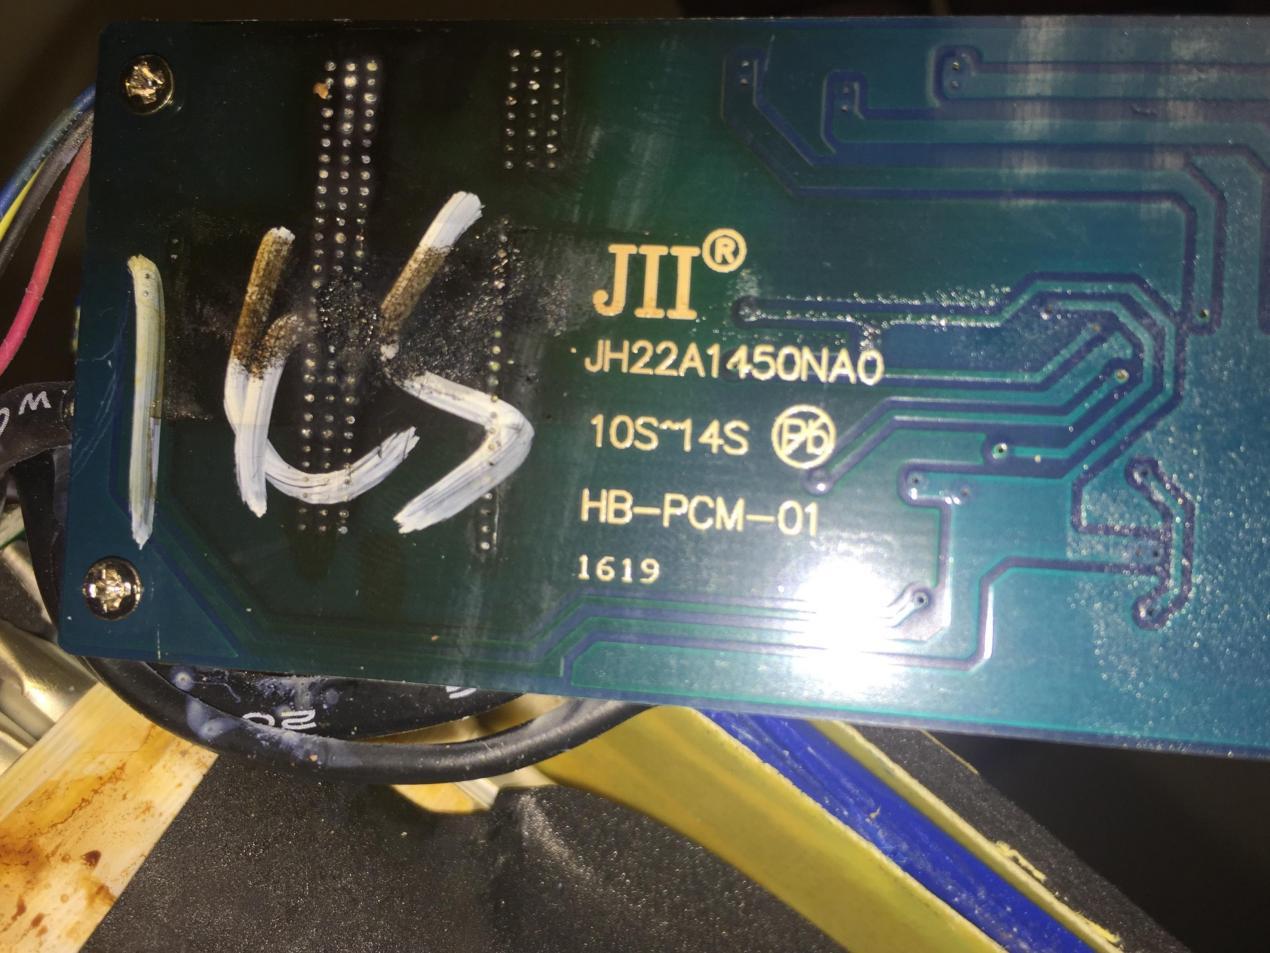 IMG_E1266.JPG